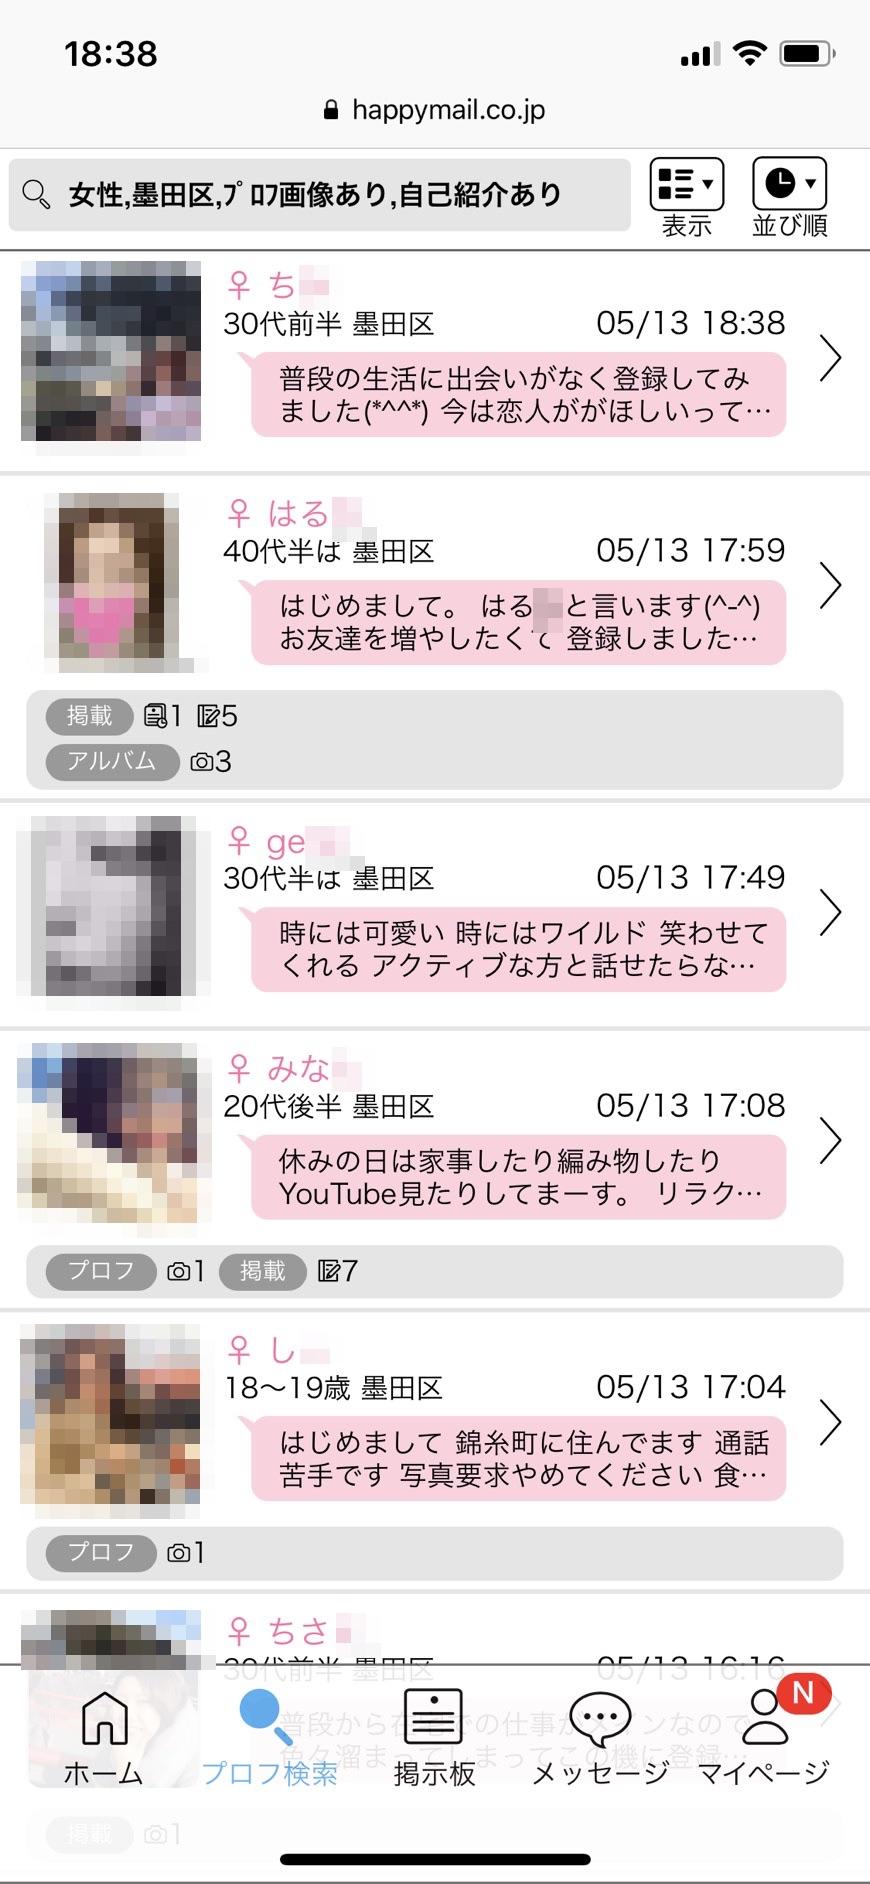 錦糸町・出会い希望(ハッピーメール)